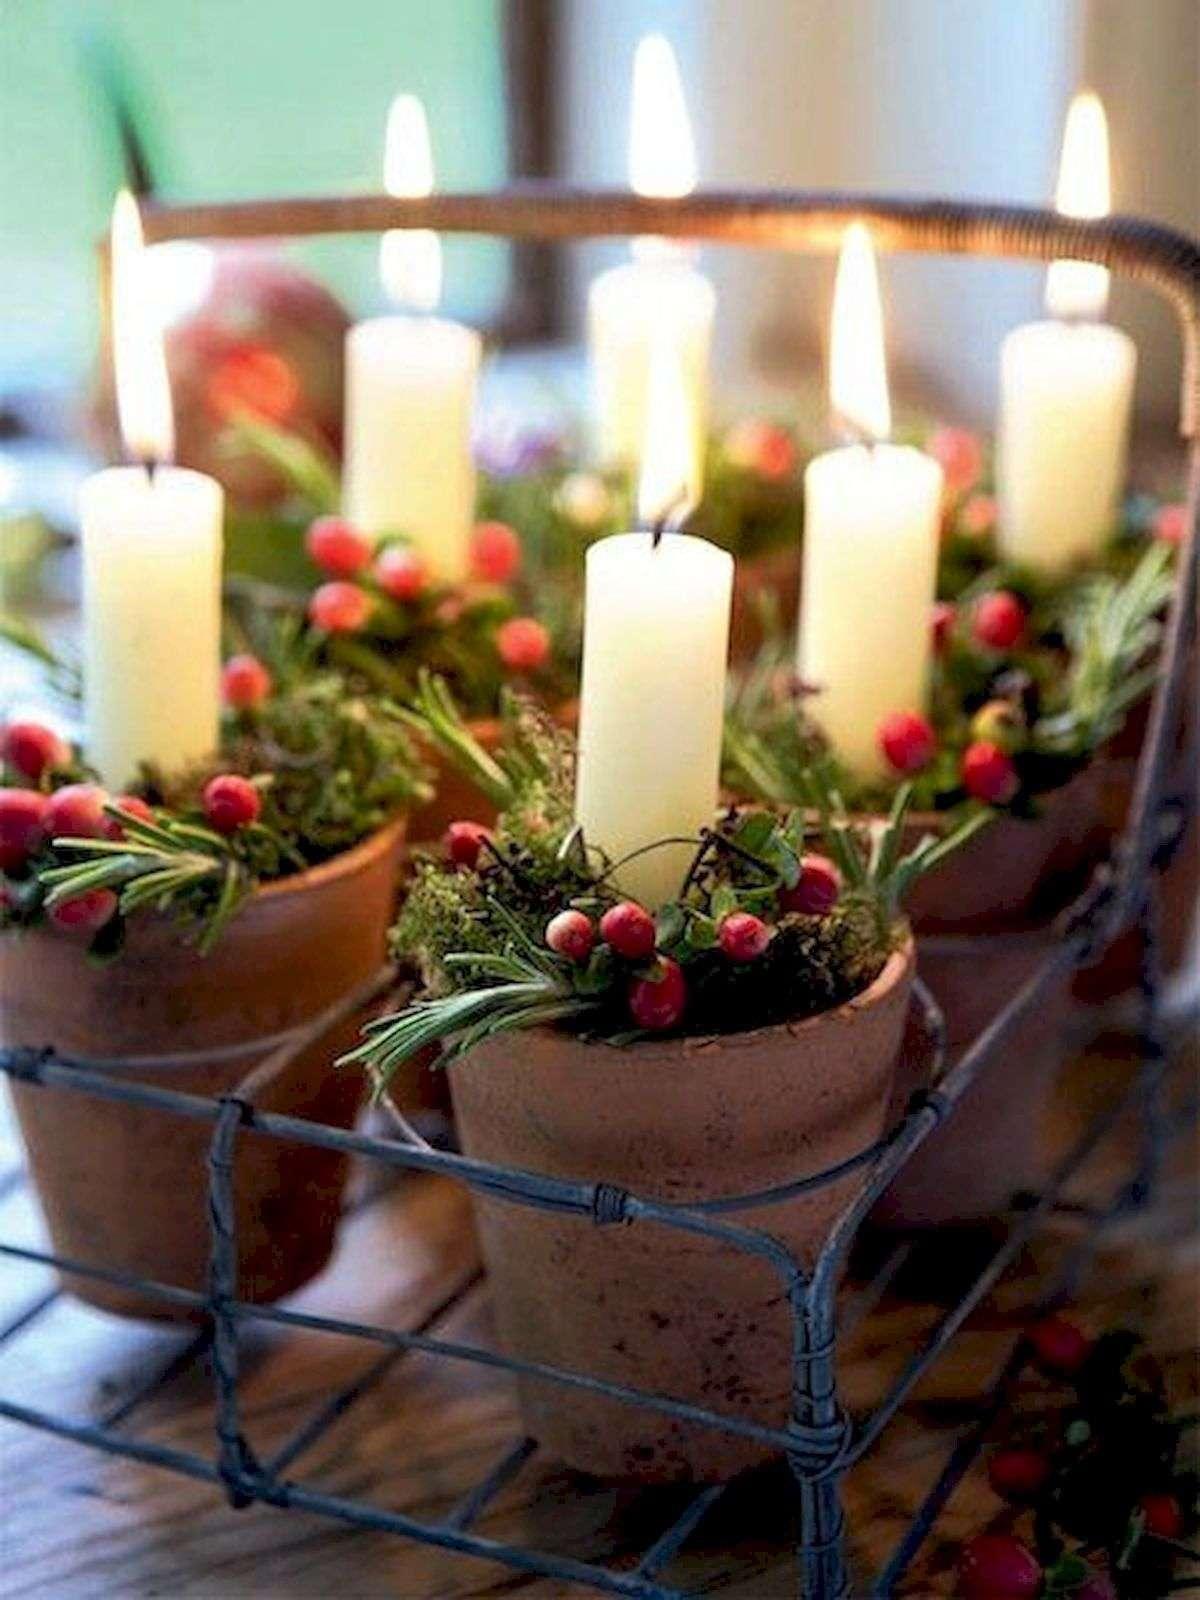 celebrar la Navidad - centros de mesa